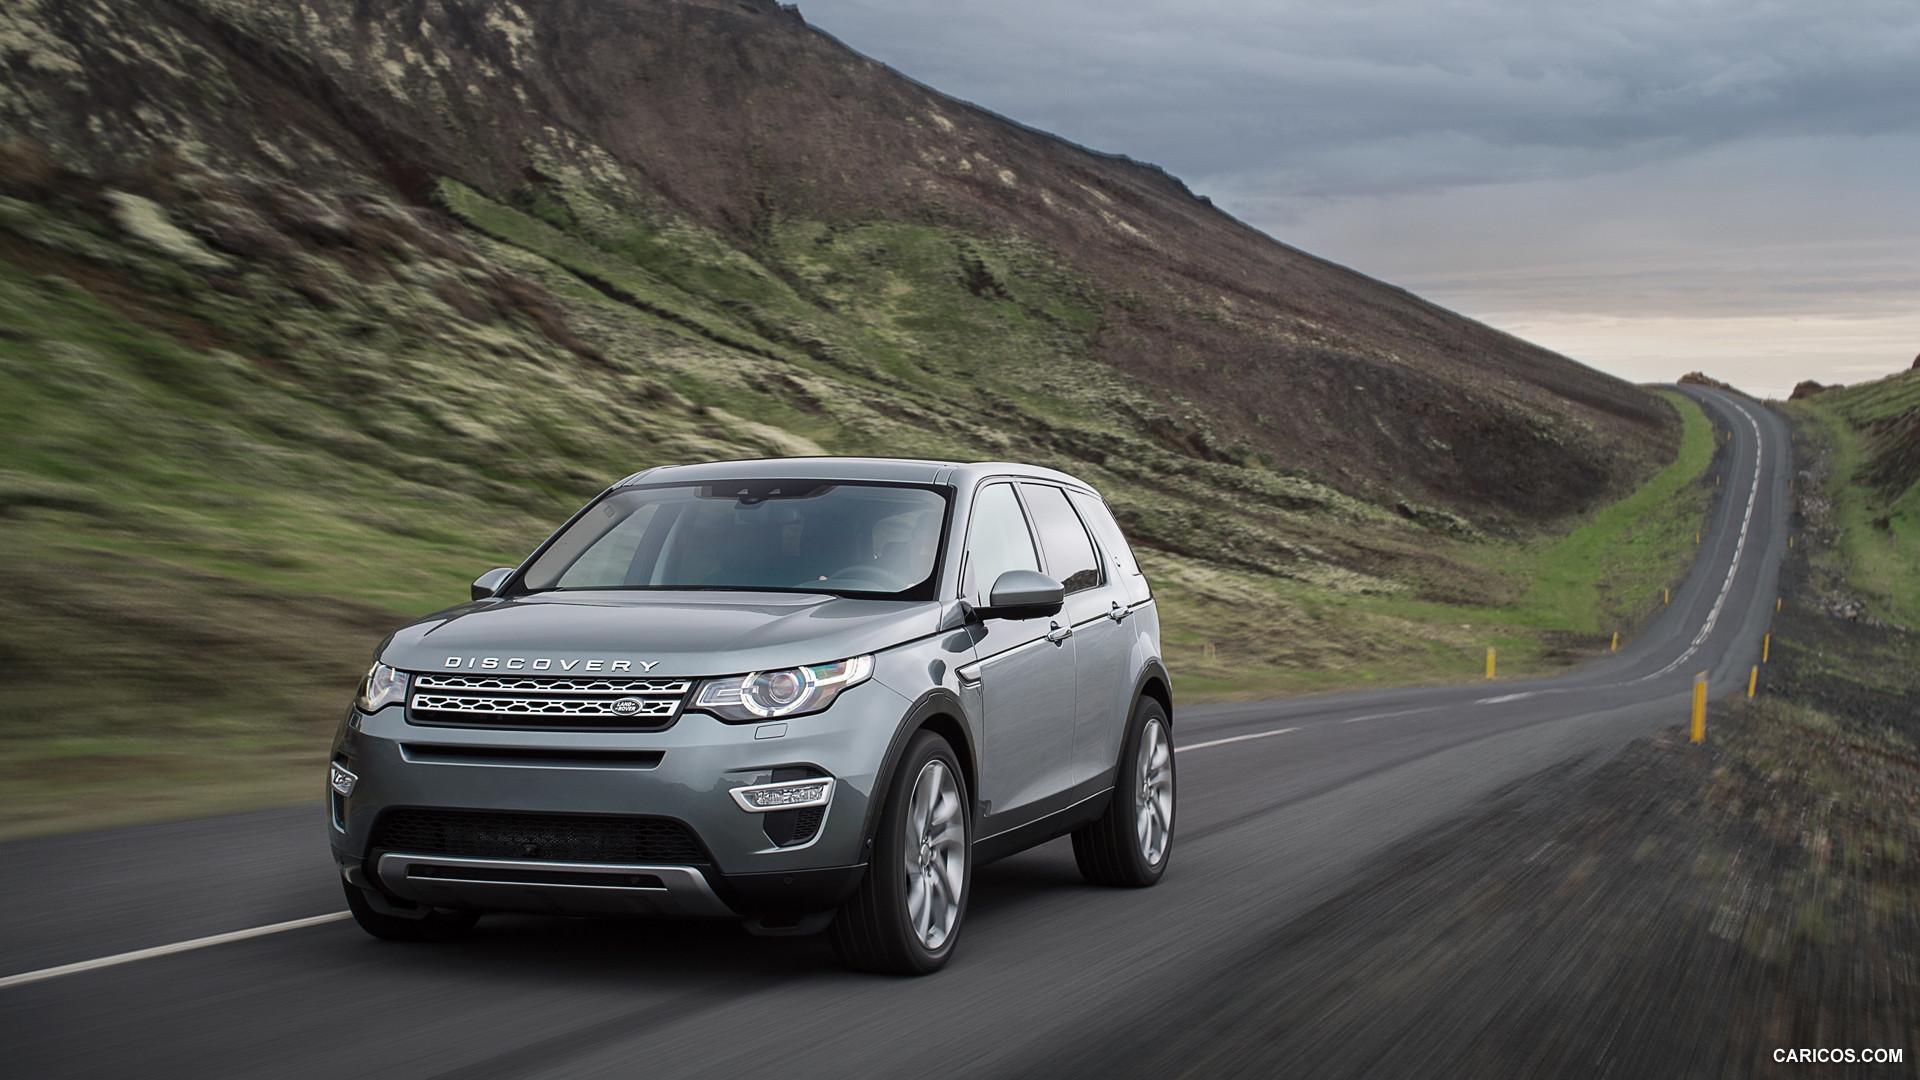 Comparison Land Rover Discovery Sport 2016 Vs Volkswagen Tiguan Sel 2017 1